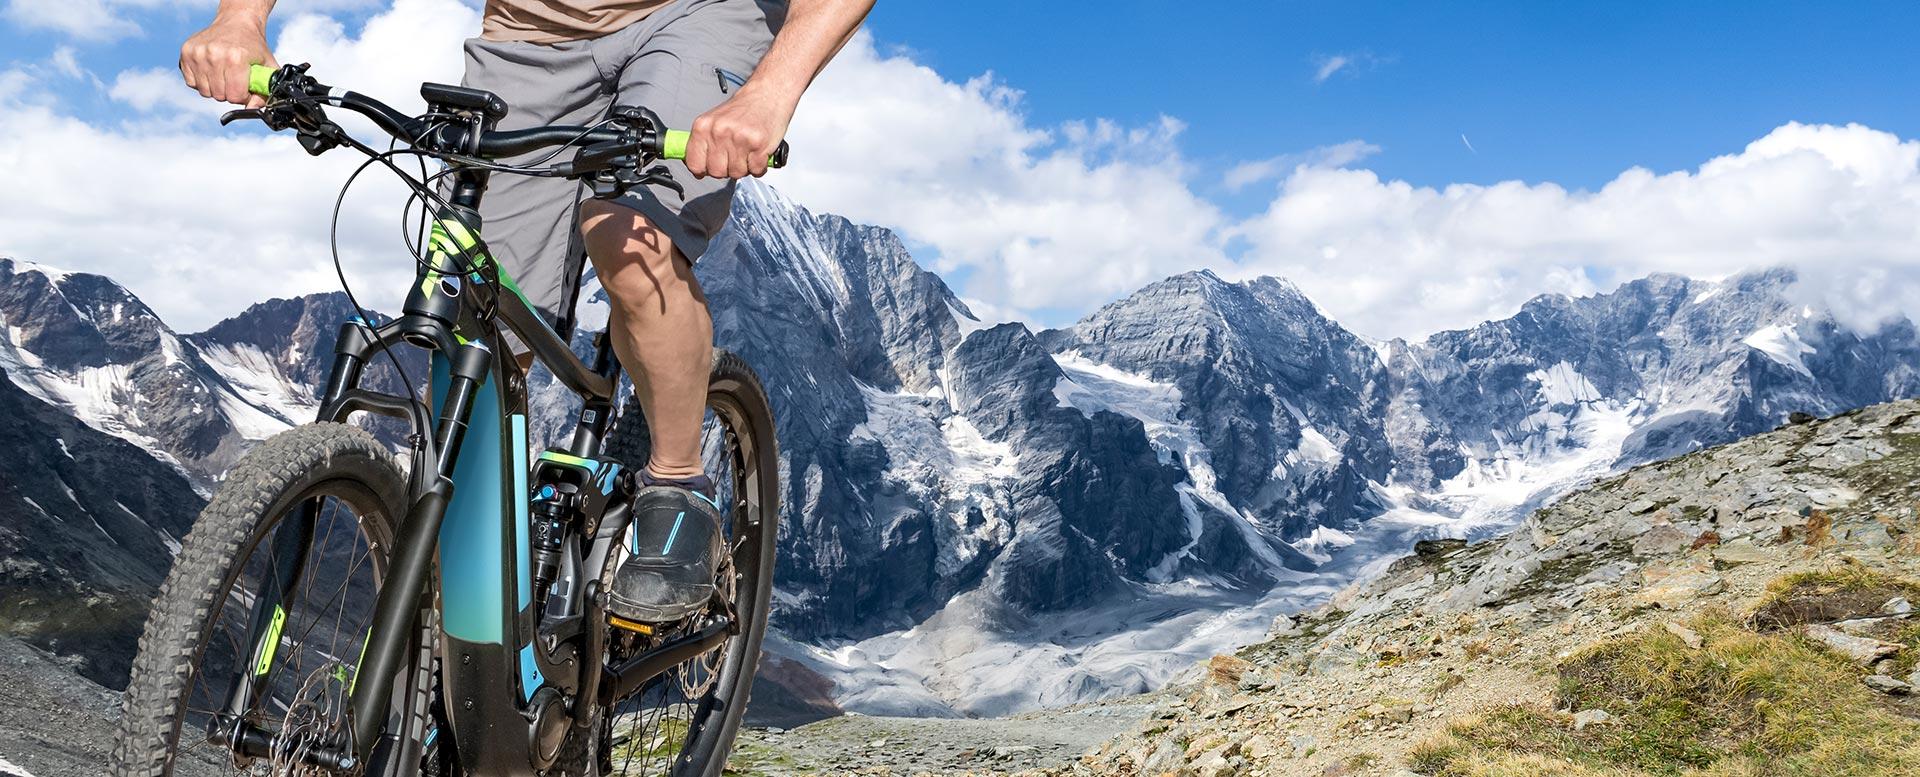 E-Bike maximale Steigung